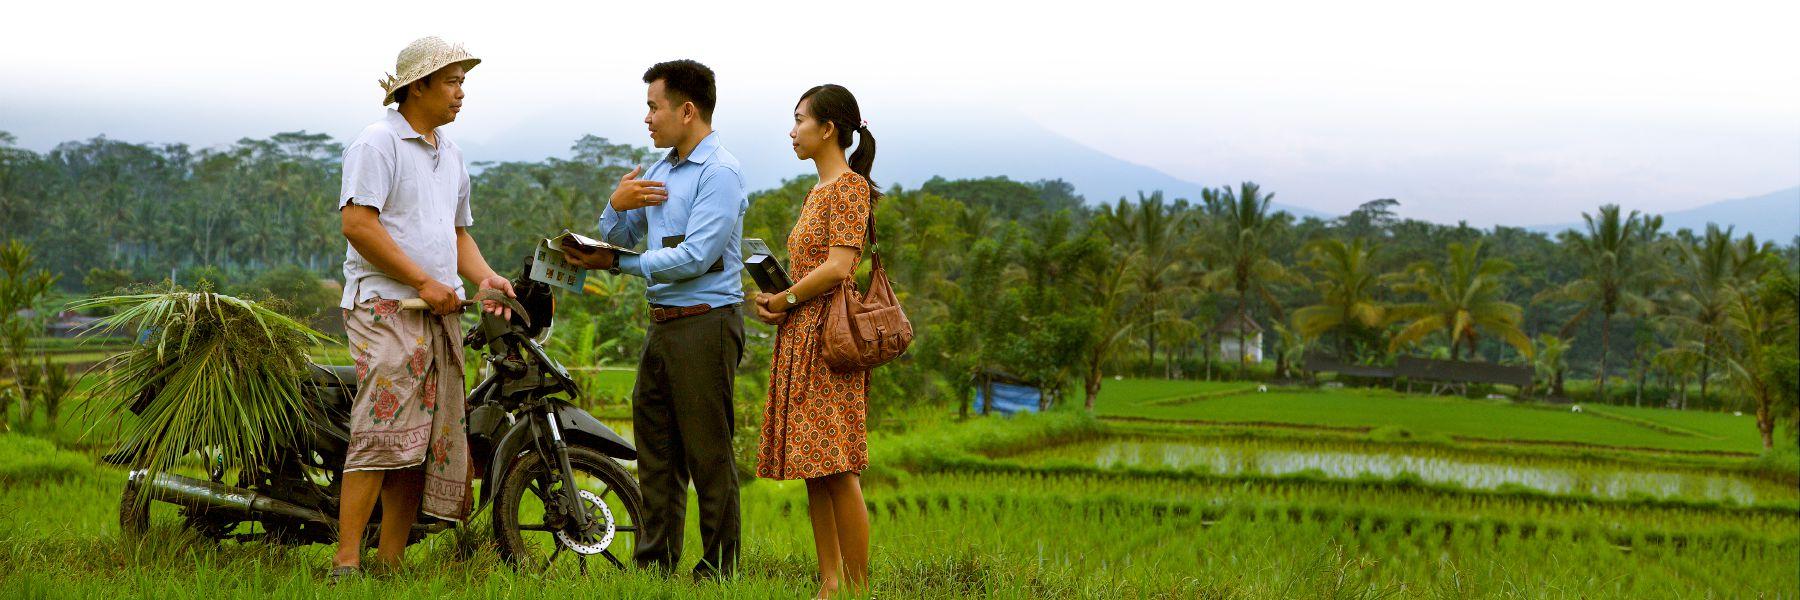 Duas Testemunhas de Jeová pregam para um homem em um arrozal.